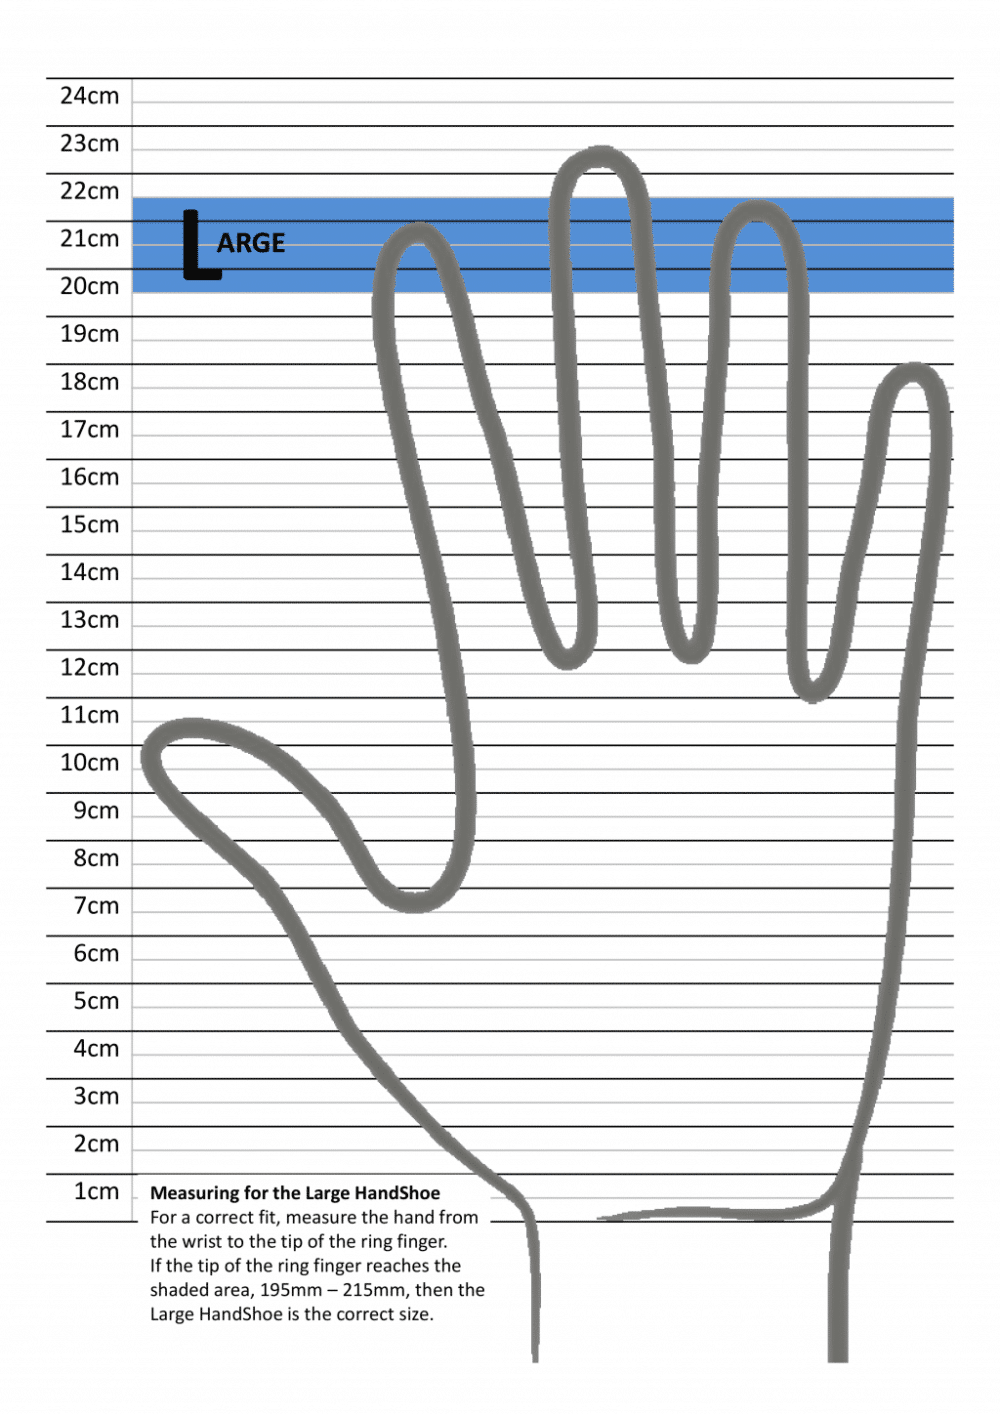 מדידת כף יד לעכבר ארגונומי HandShoe_Large_Ruler טופ קומרס ציוד ארגונומי